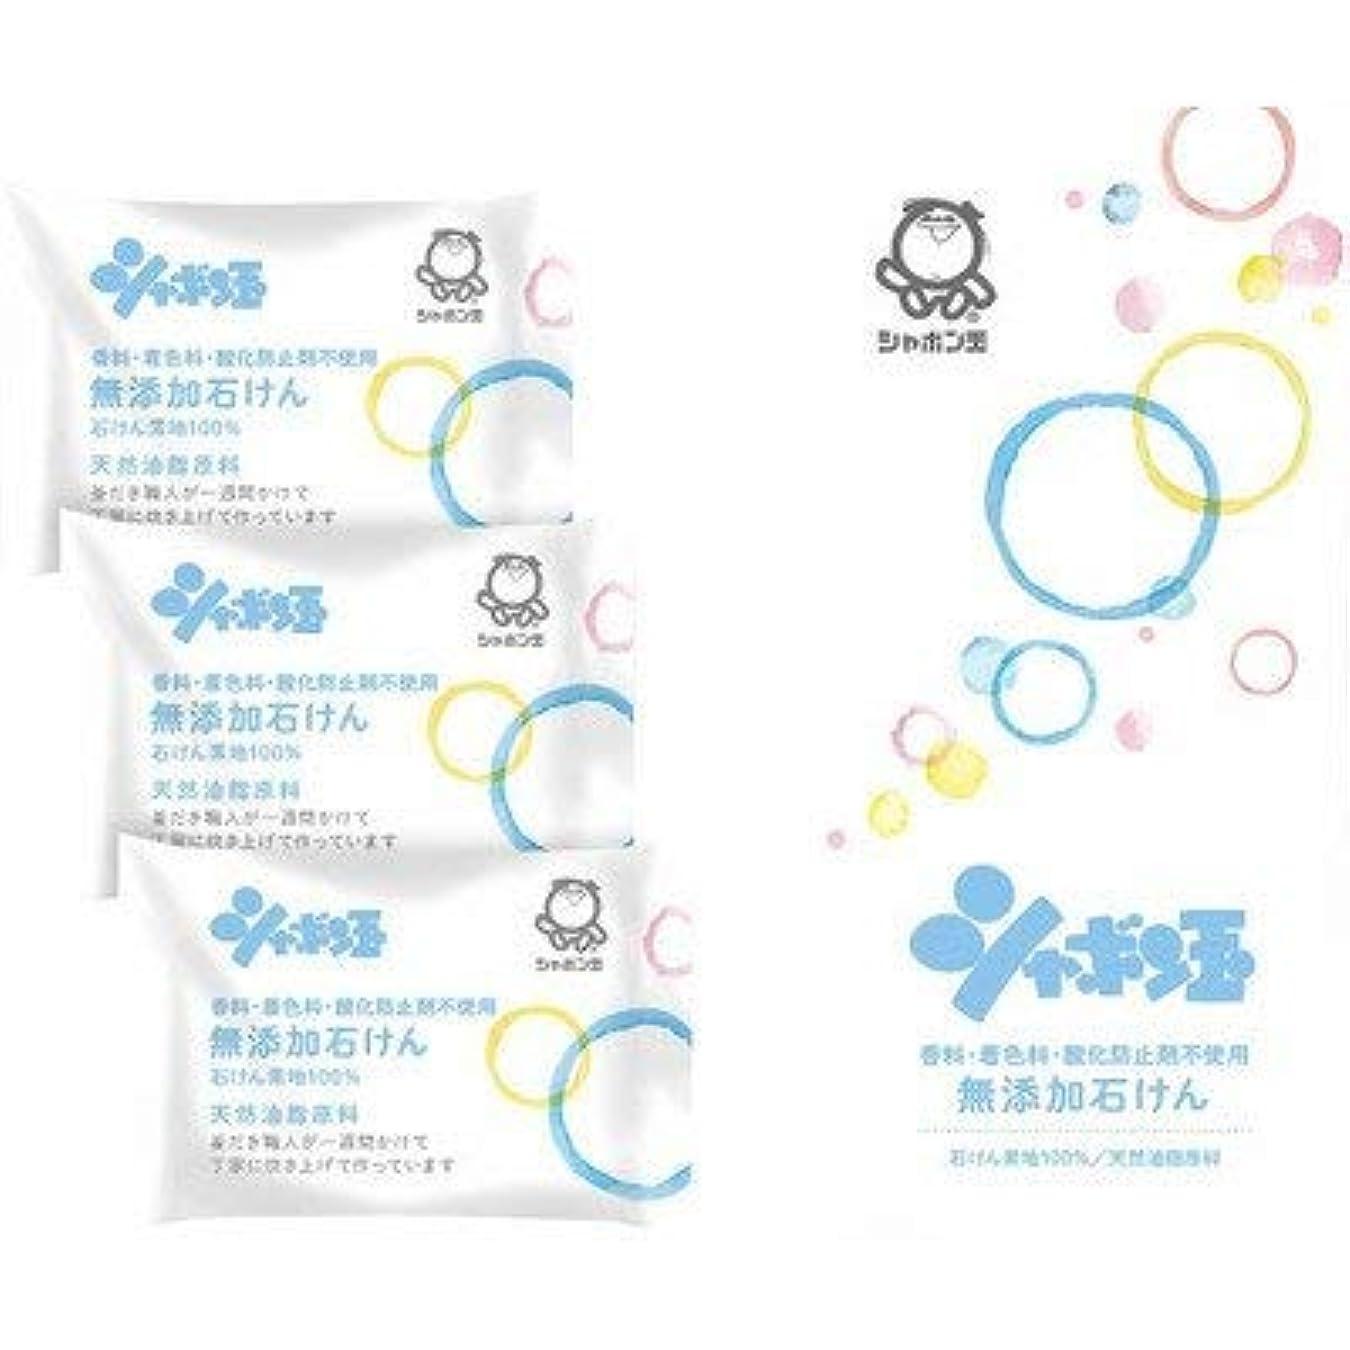 高さ群集例【ギフトセット】 シャボン玉無添加石鹸ギフトセット SMG-5B